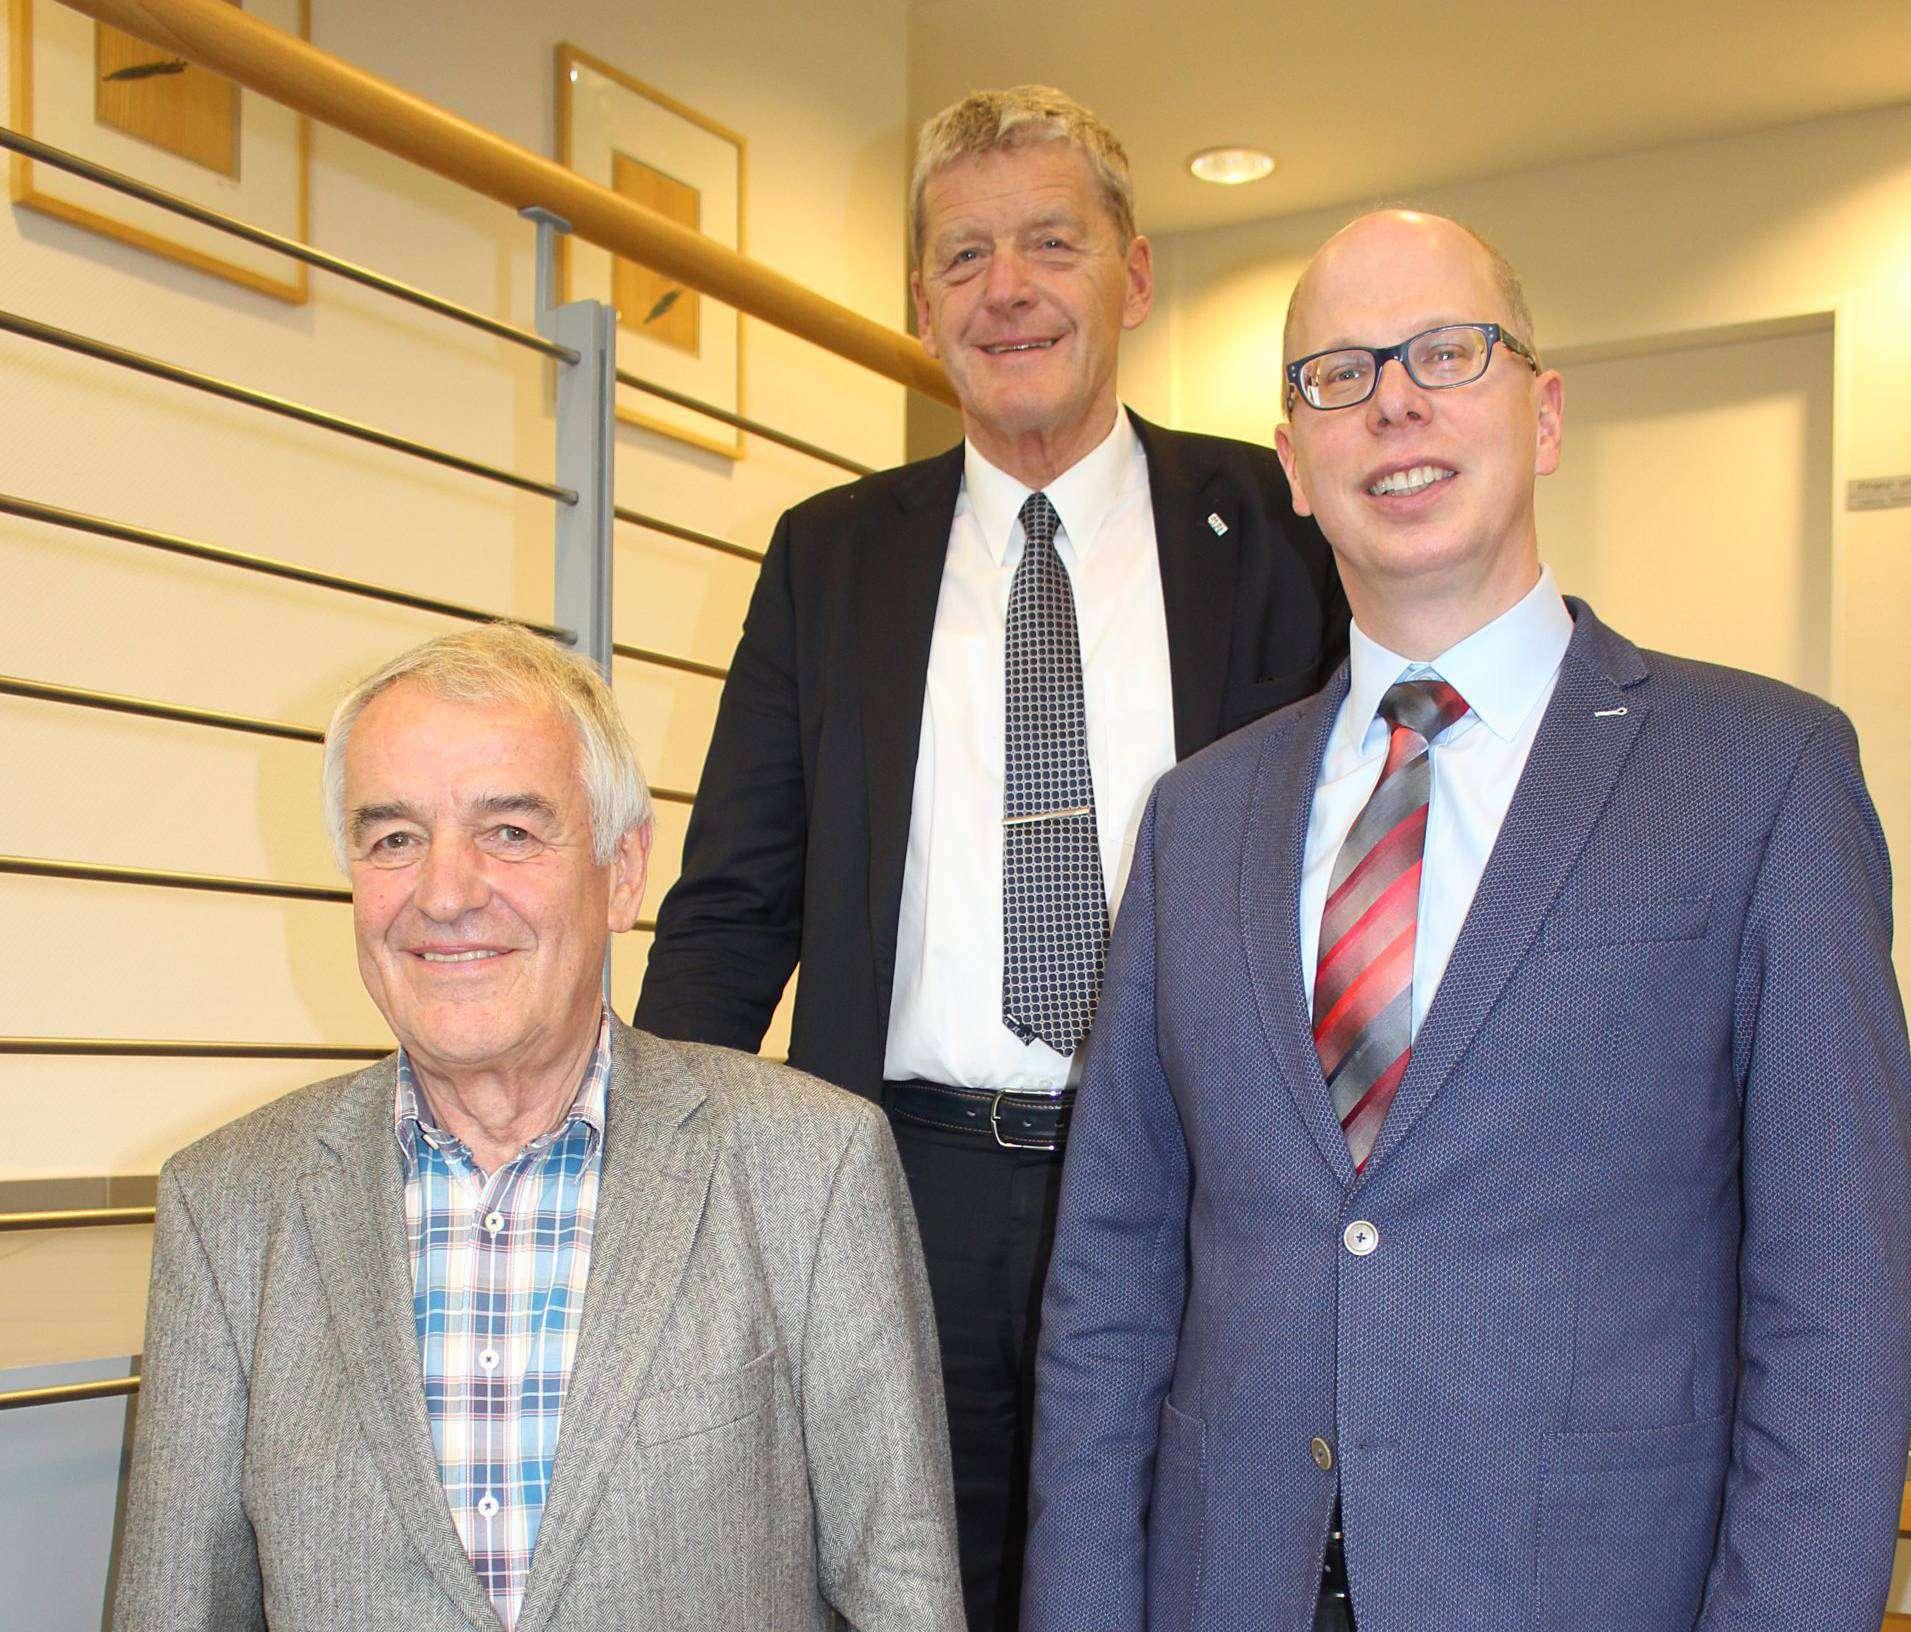 Der ehemalige Geschäftsführer Werner Meyer (von links) und Stadtwerke-Geschäftsführer Reinhard David begrüßen den Neuen: Achim Figgen aus Sottrum. Foto: Henning Leeske